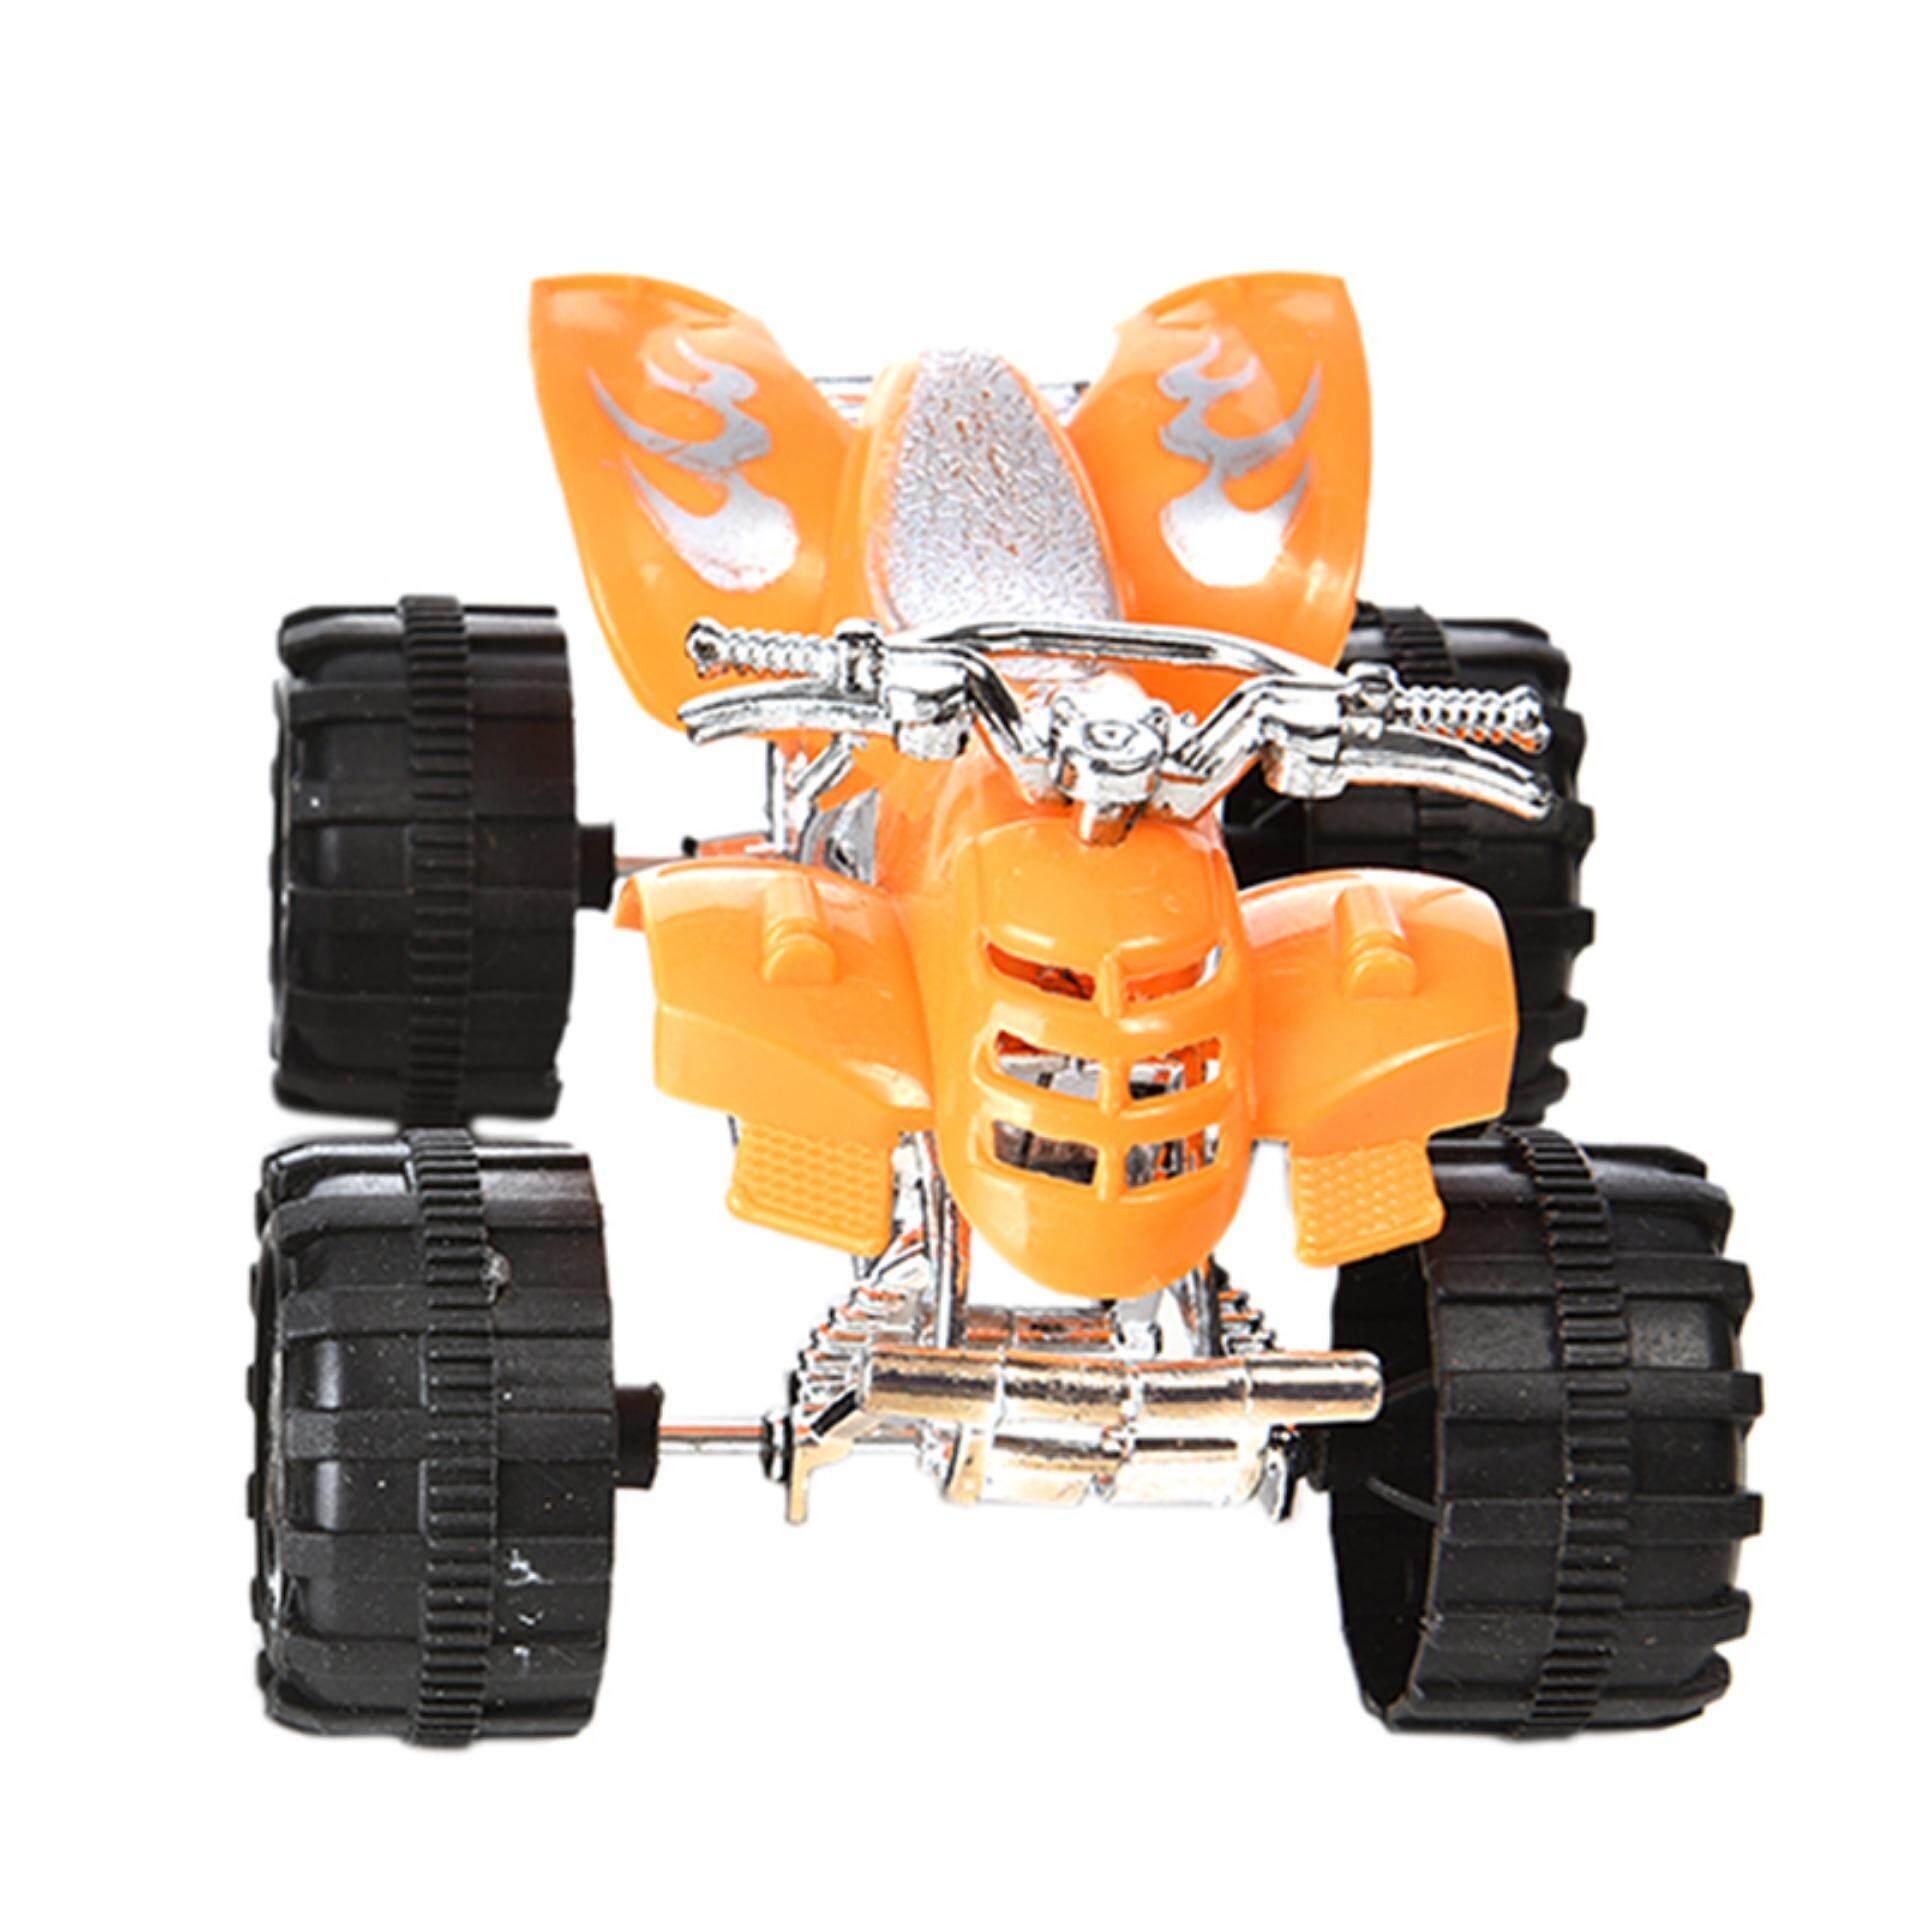 2 Pcs Tarik Kembali Motor Pantai Empat Roda Mini Mobil Anak-anak Anak-anak Mainan-Internasional